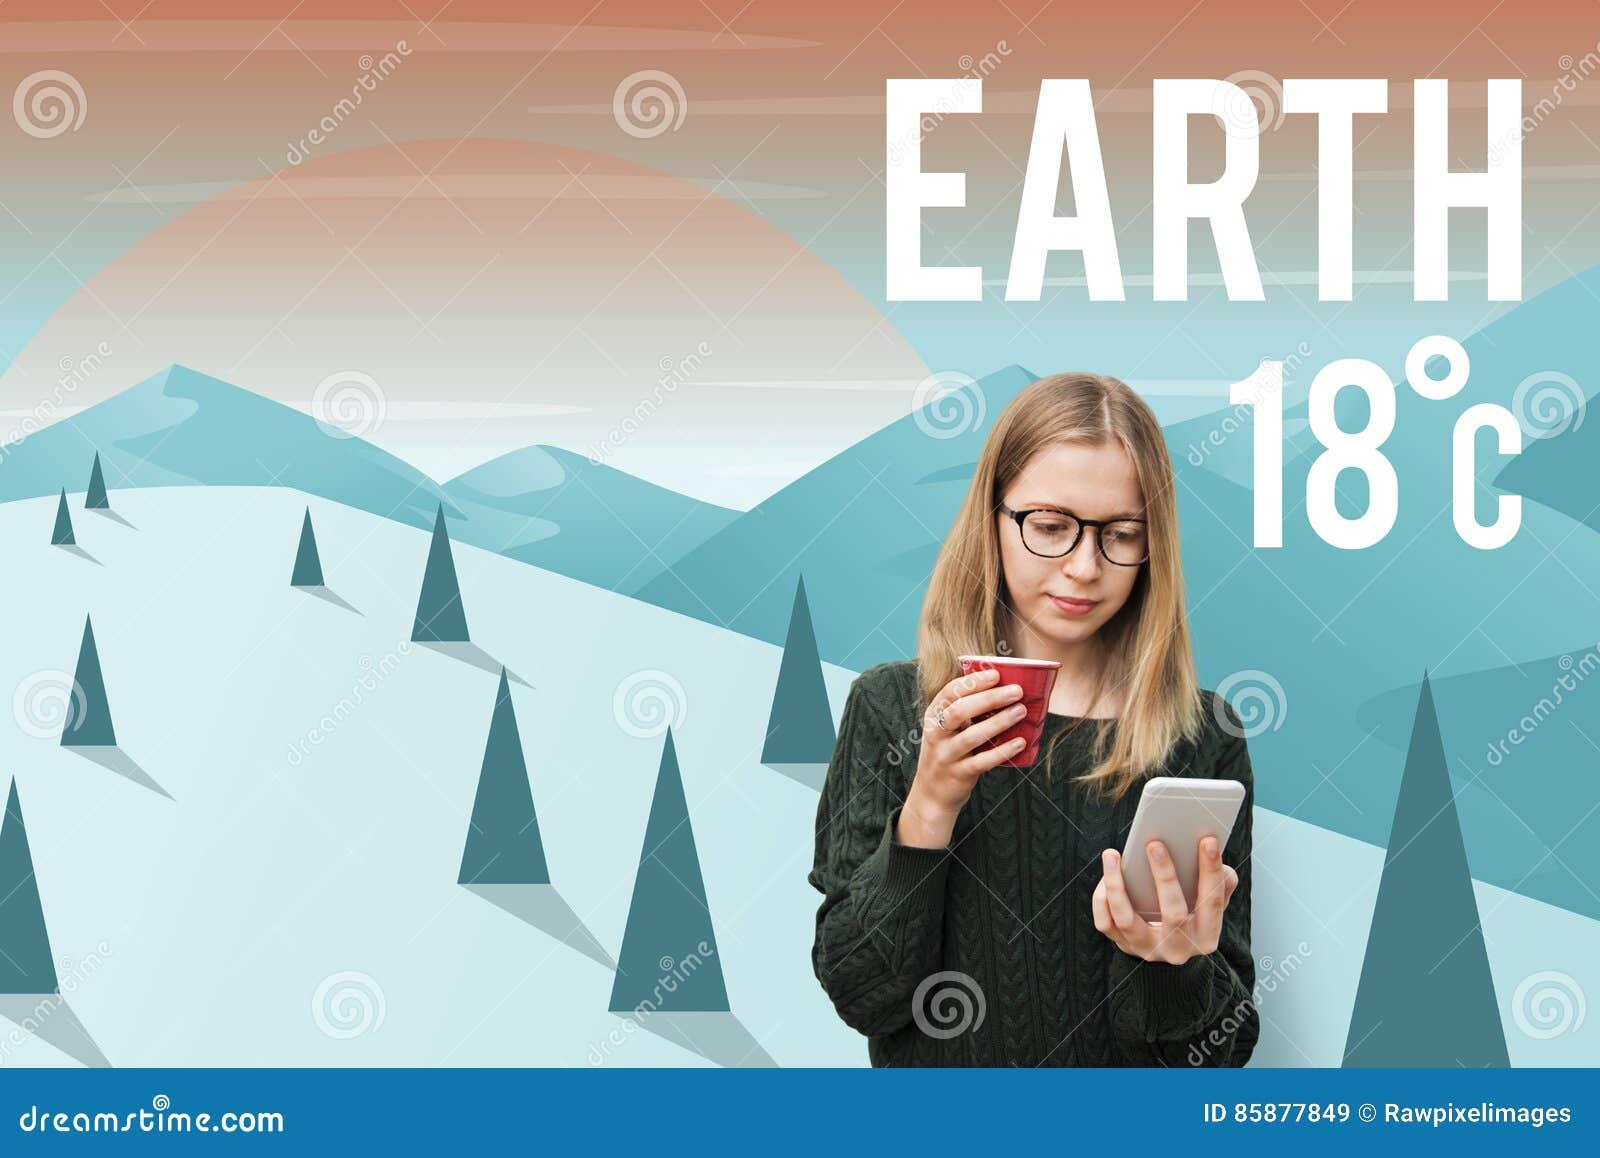 Περιβαλλοντική έννοια συντήρησης οικολογίας γήινου κλίματος